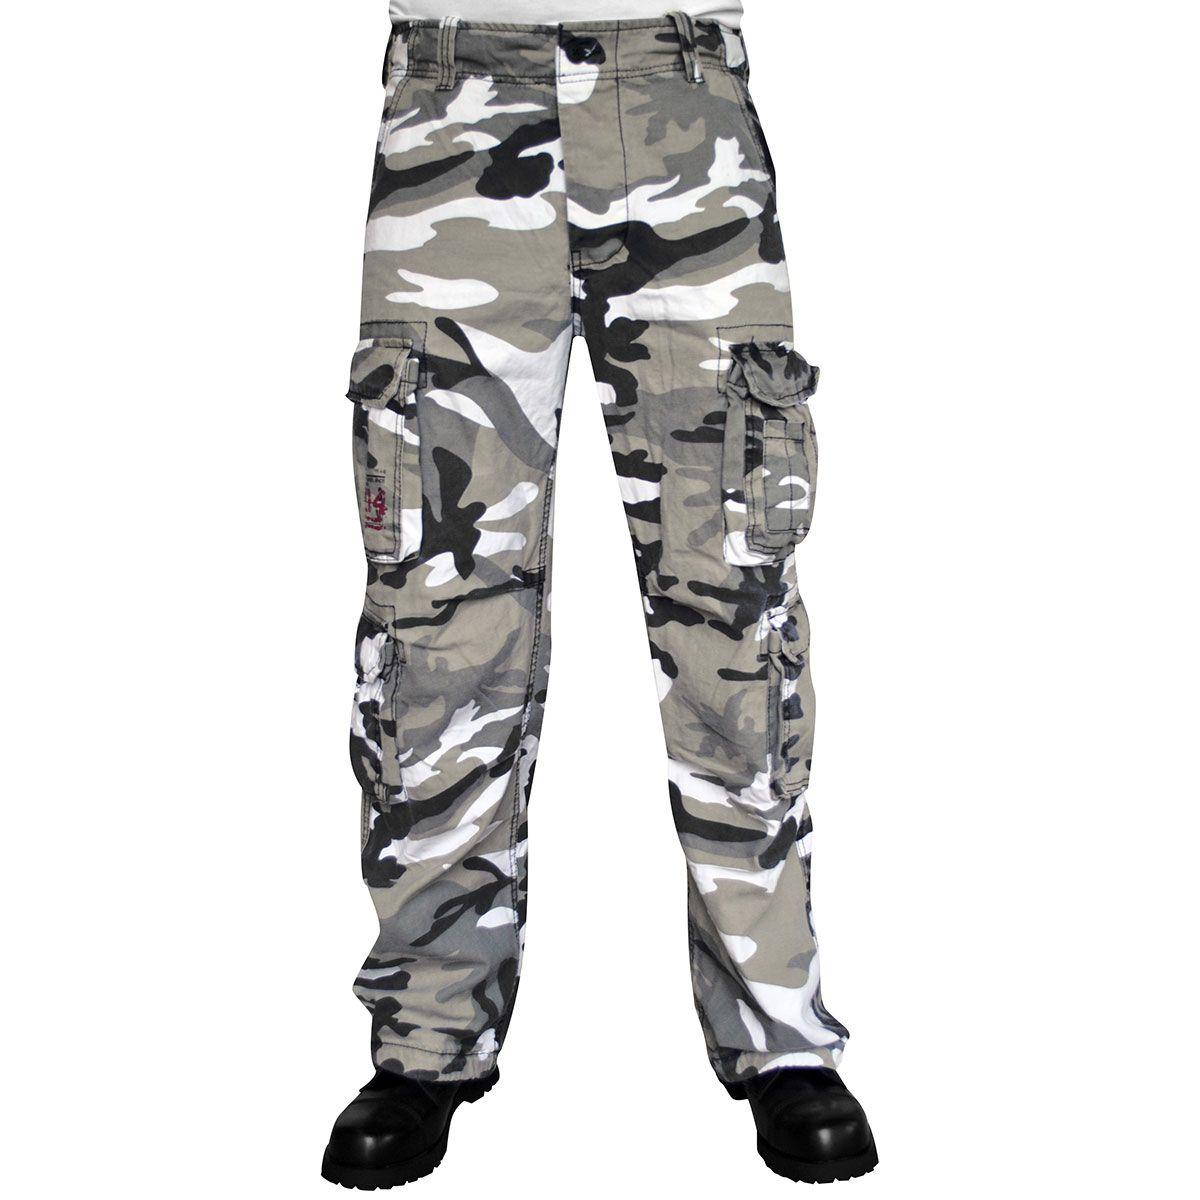 assez bon marché Prix usine 2019 comment avoir Pantalon Homme SURPLUS - Cargo Airborne Urban Camo - Rock A Gogo